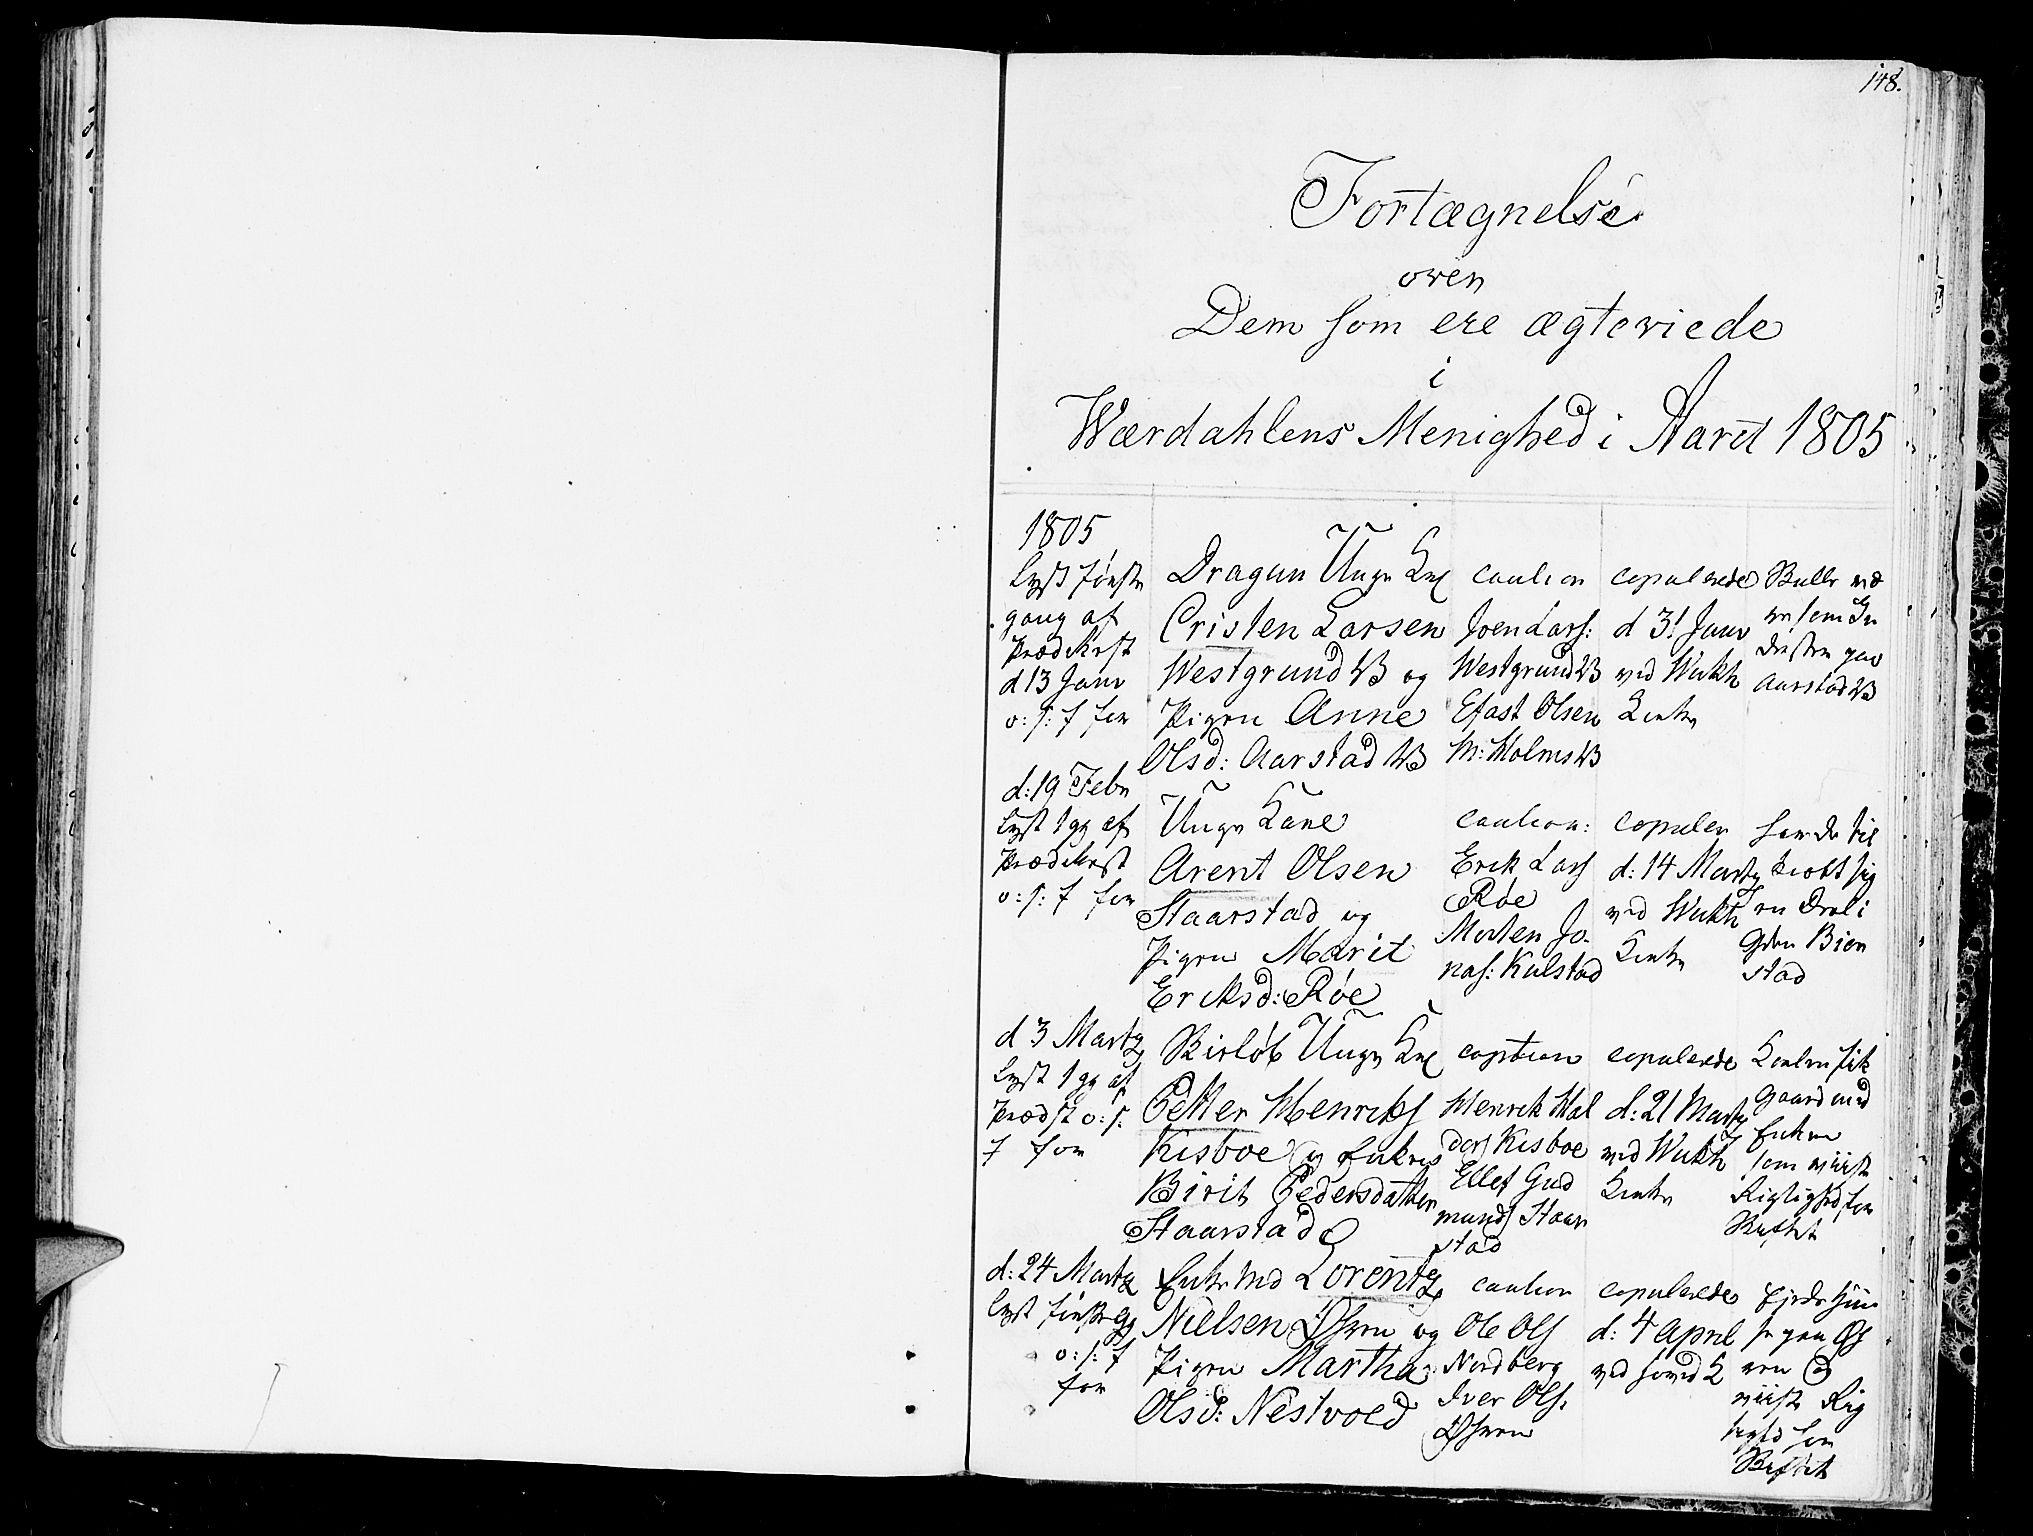 SAT, Ministerialprotokoller, klokkerbøker og fødselsregistre - Nord-Trøndelag, 723/L0233: Ministerialbok nr. 723A04, 1805-1816, s. 148